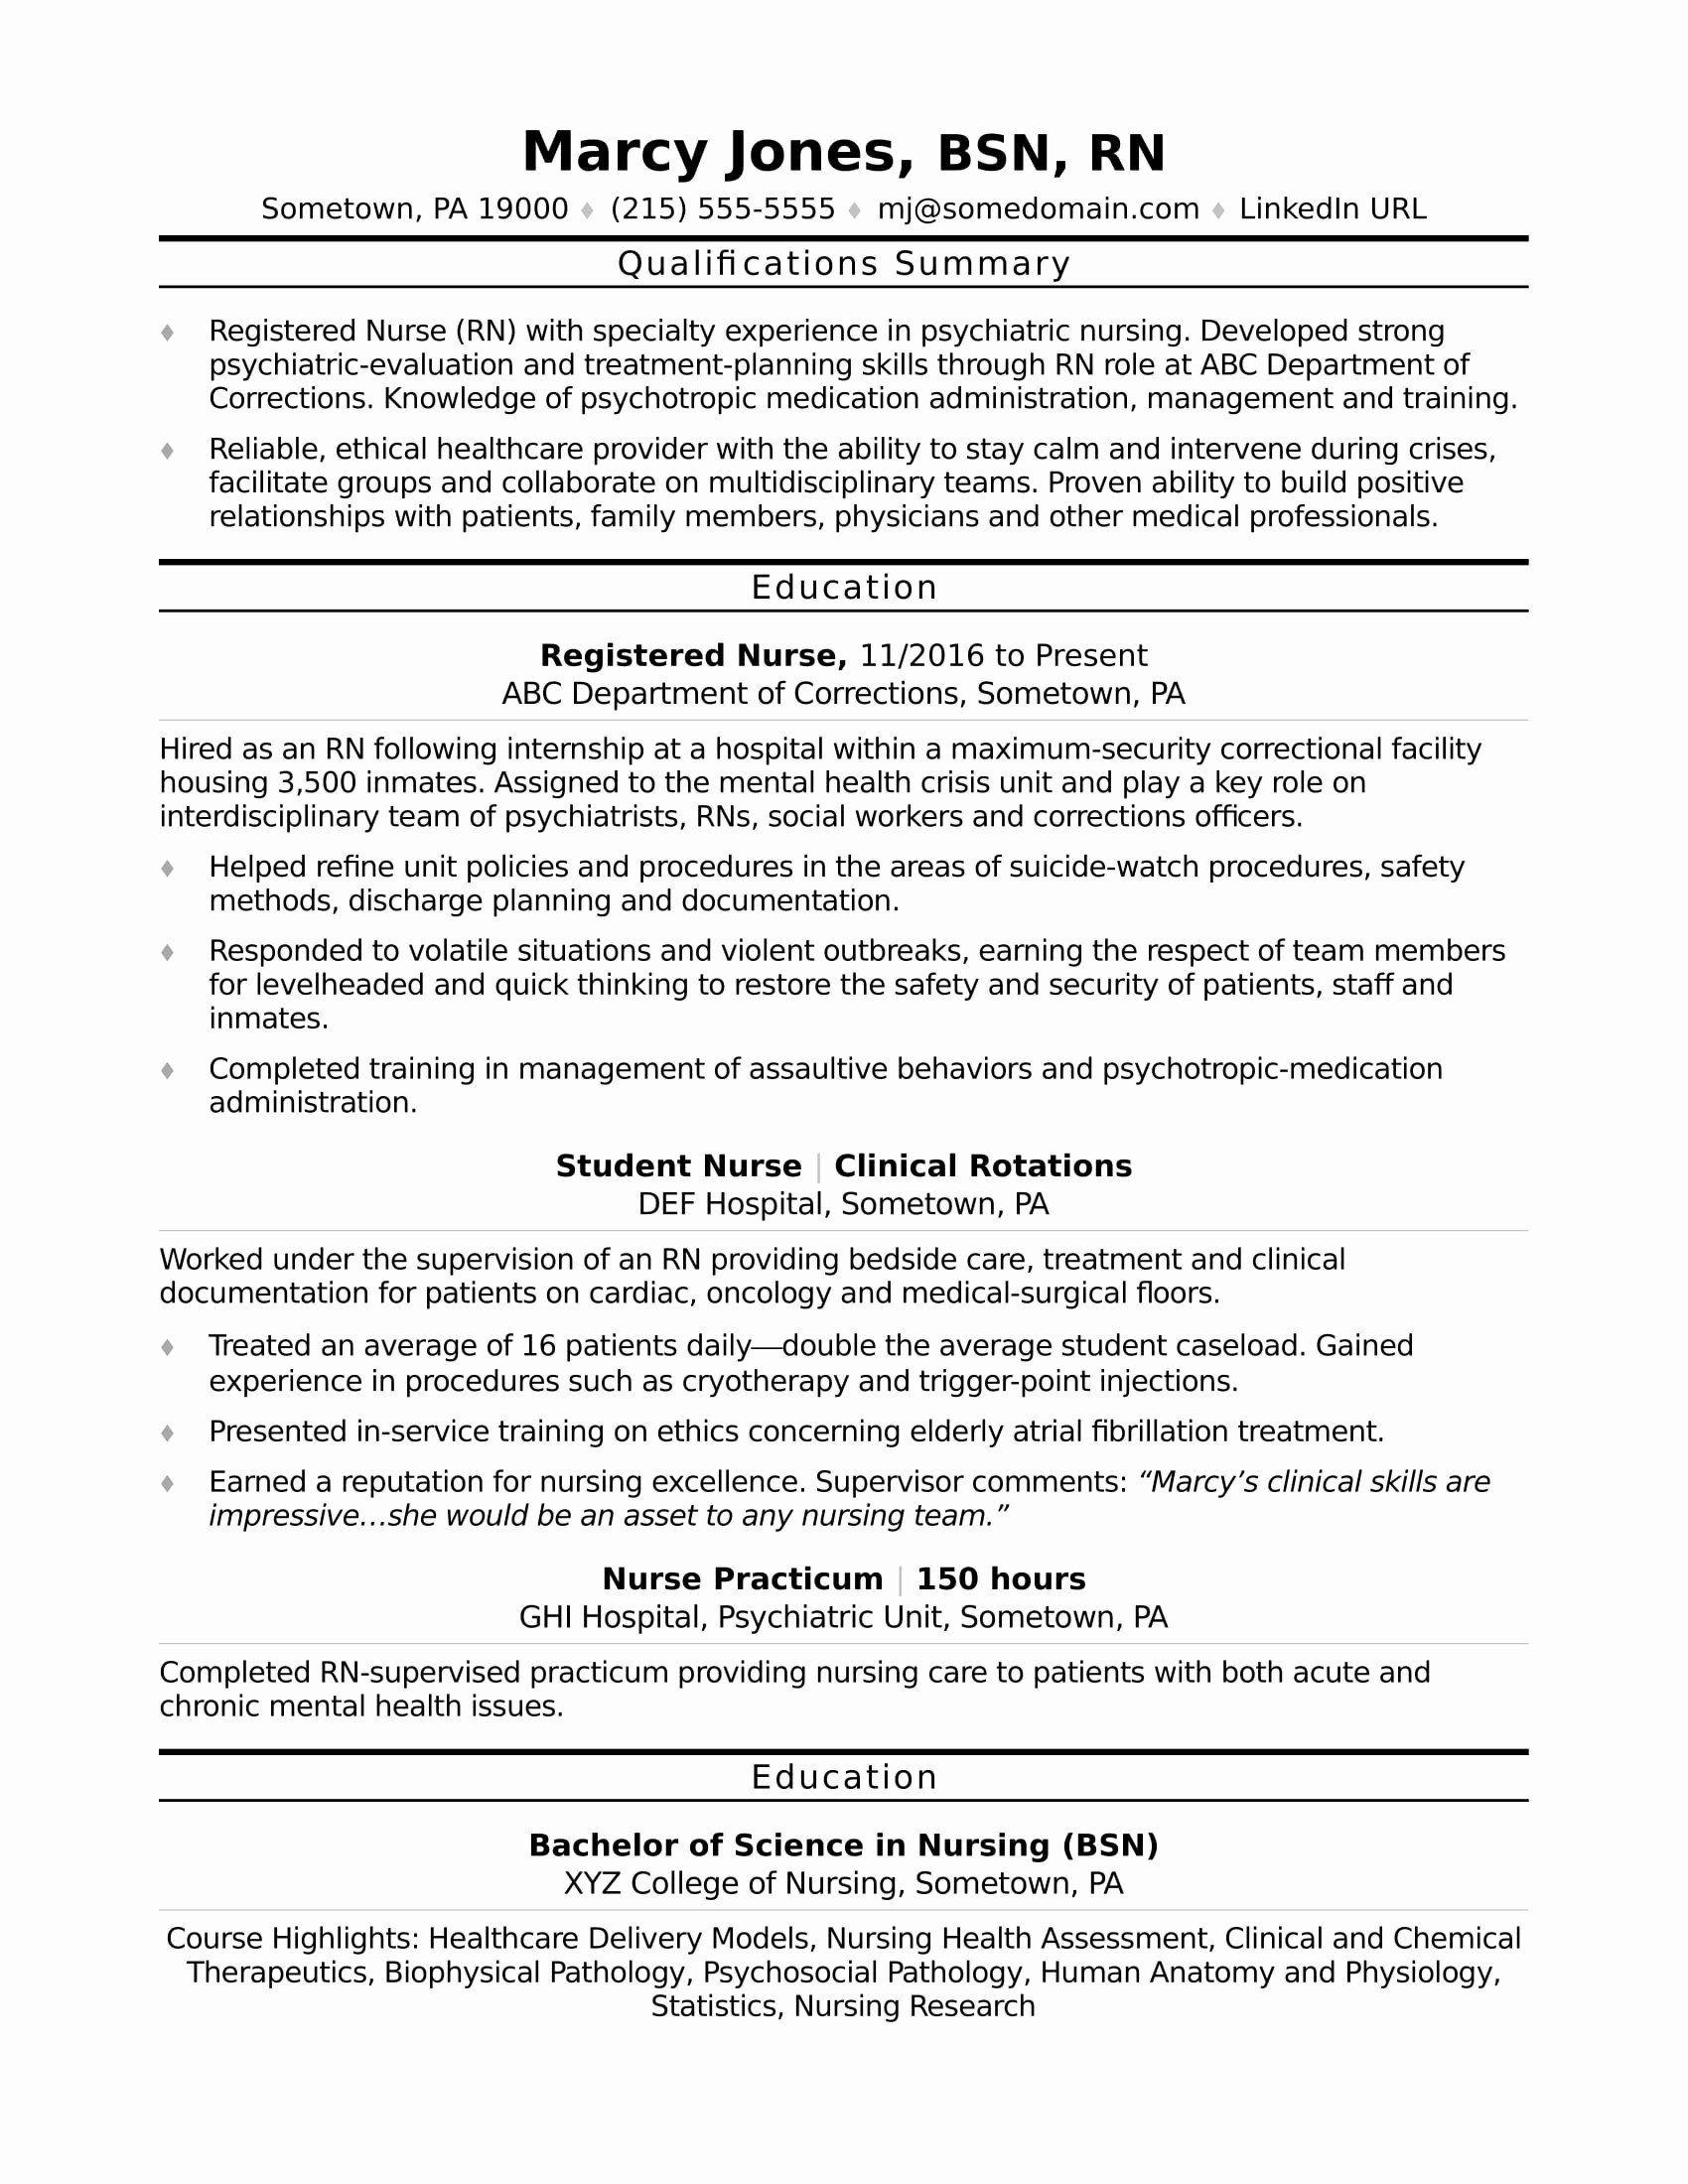 Registered Nurse Resume Objectives Inspirational 46 Unique Image